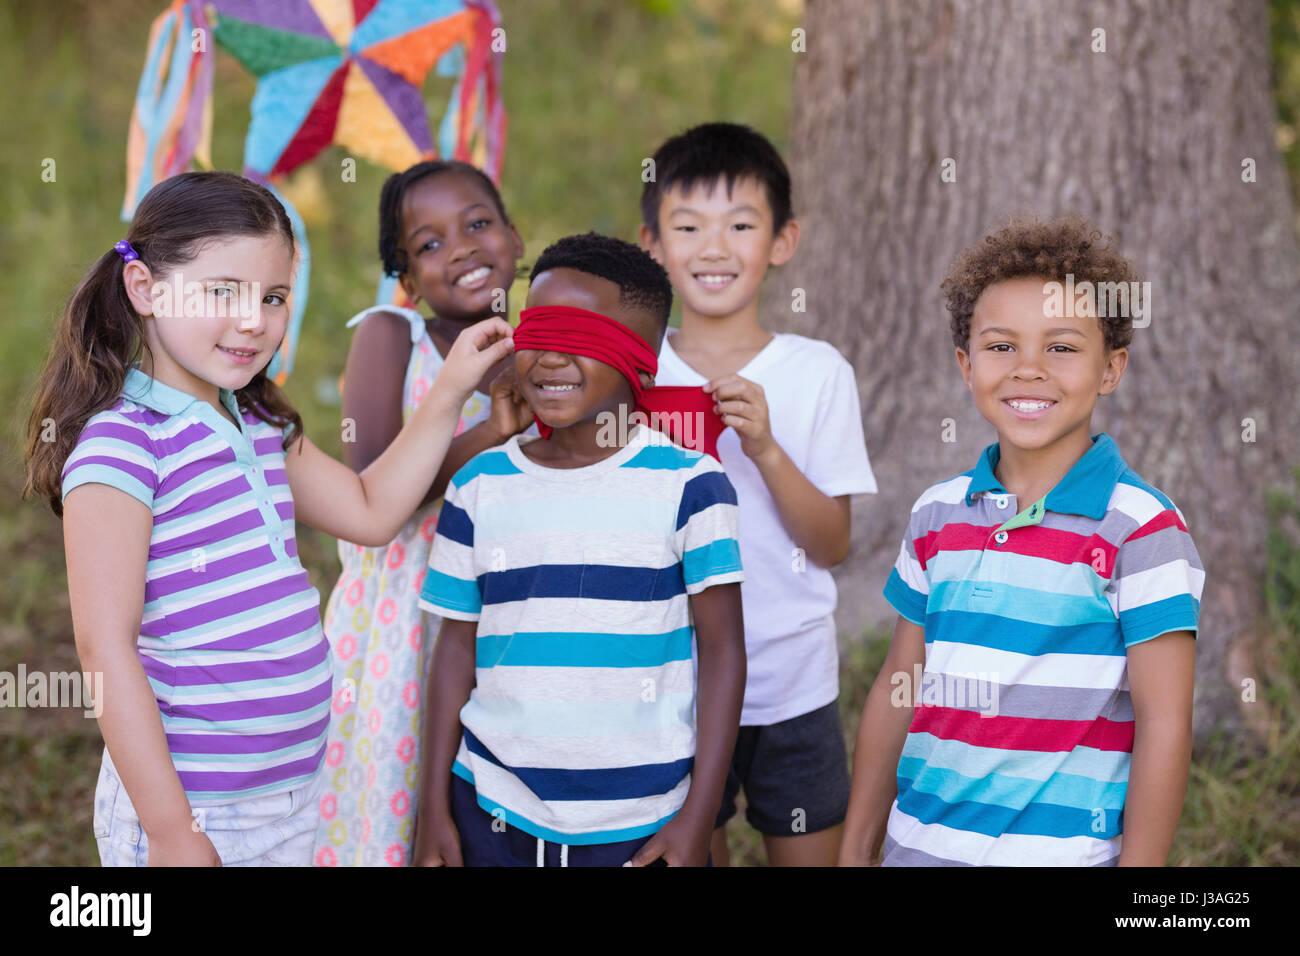 Ritratto di amici in piedi intorno a occhi bendati ragazzo in campeggio Immagini Stock